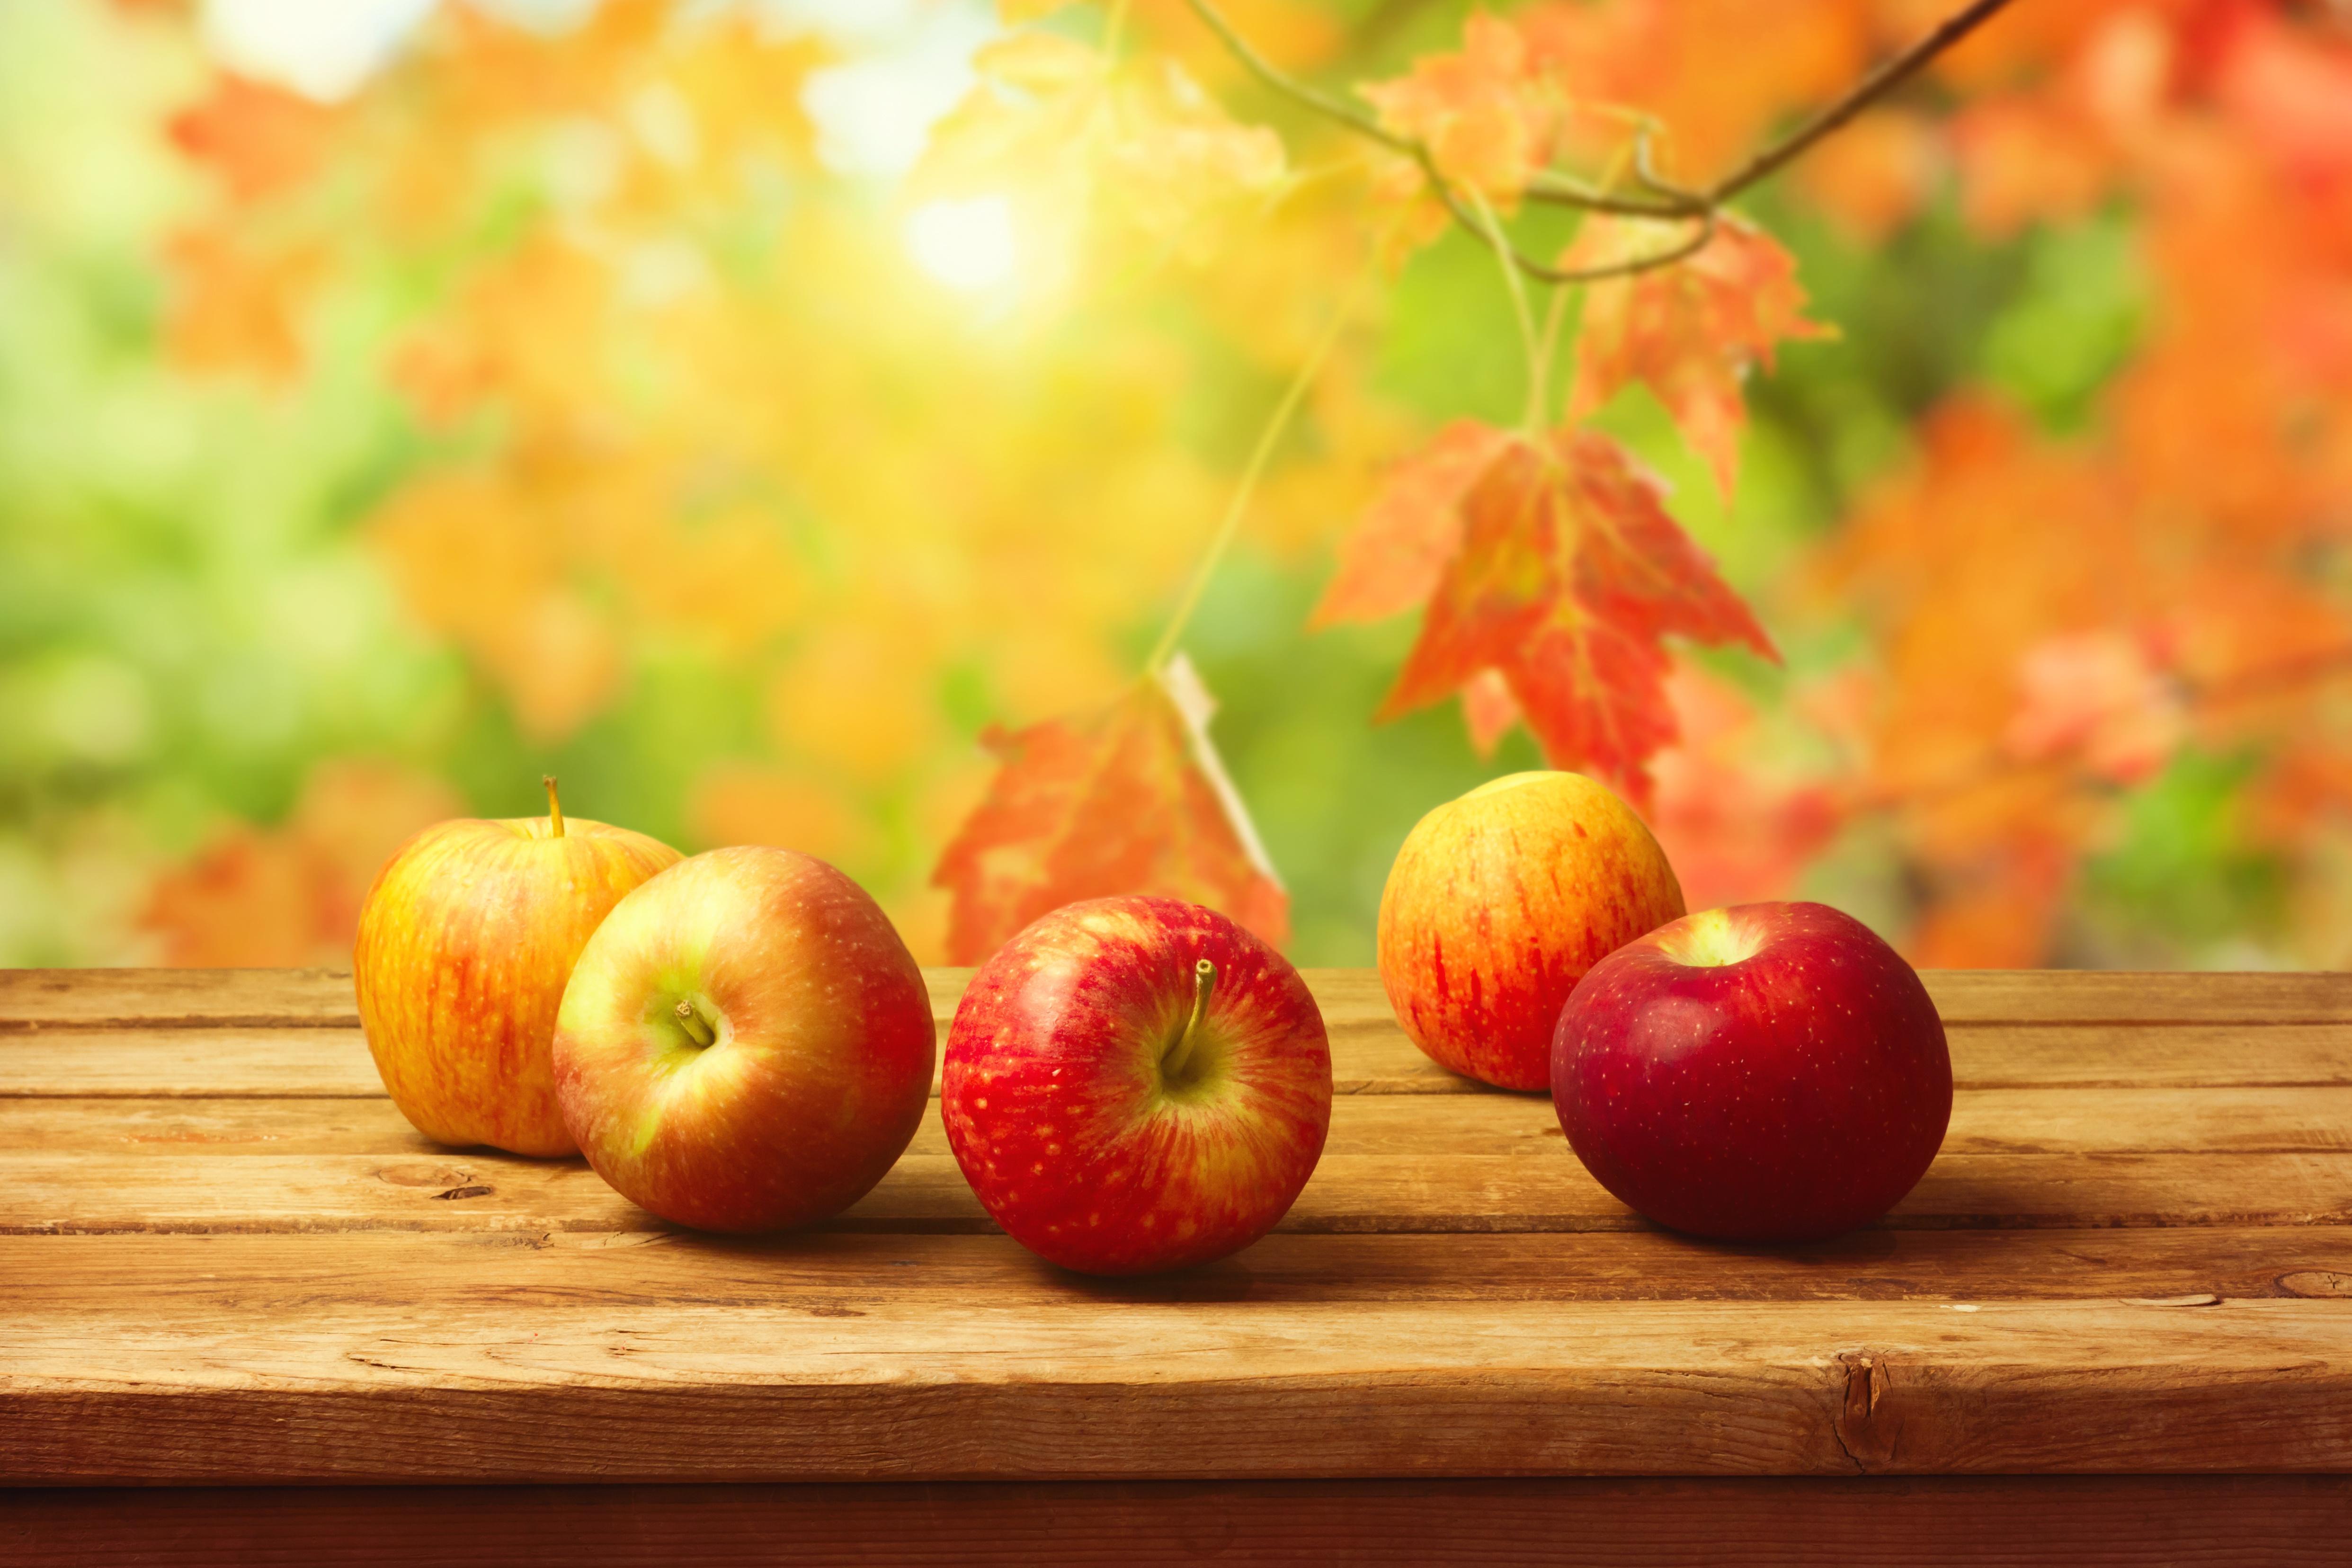 яблоки  № 164310 без смс